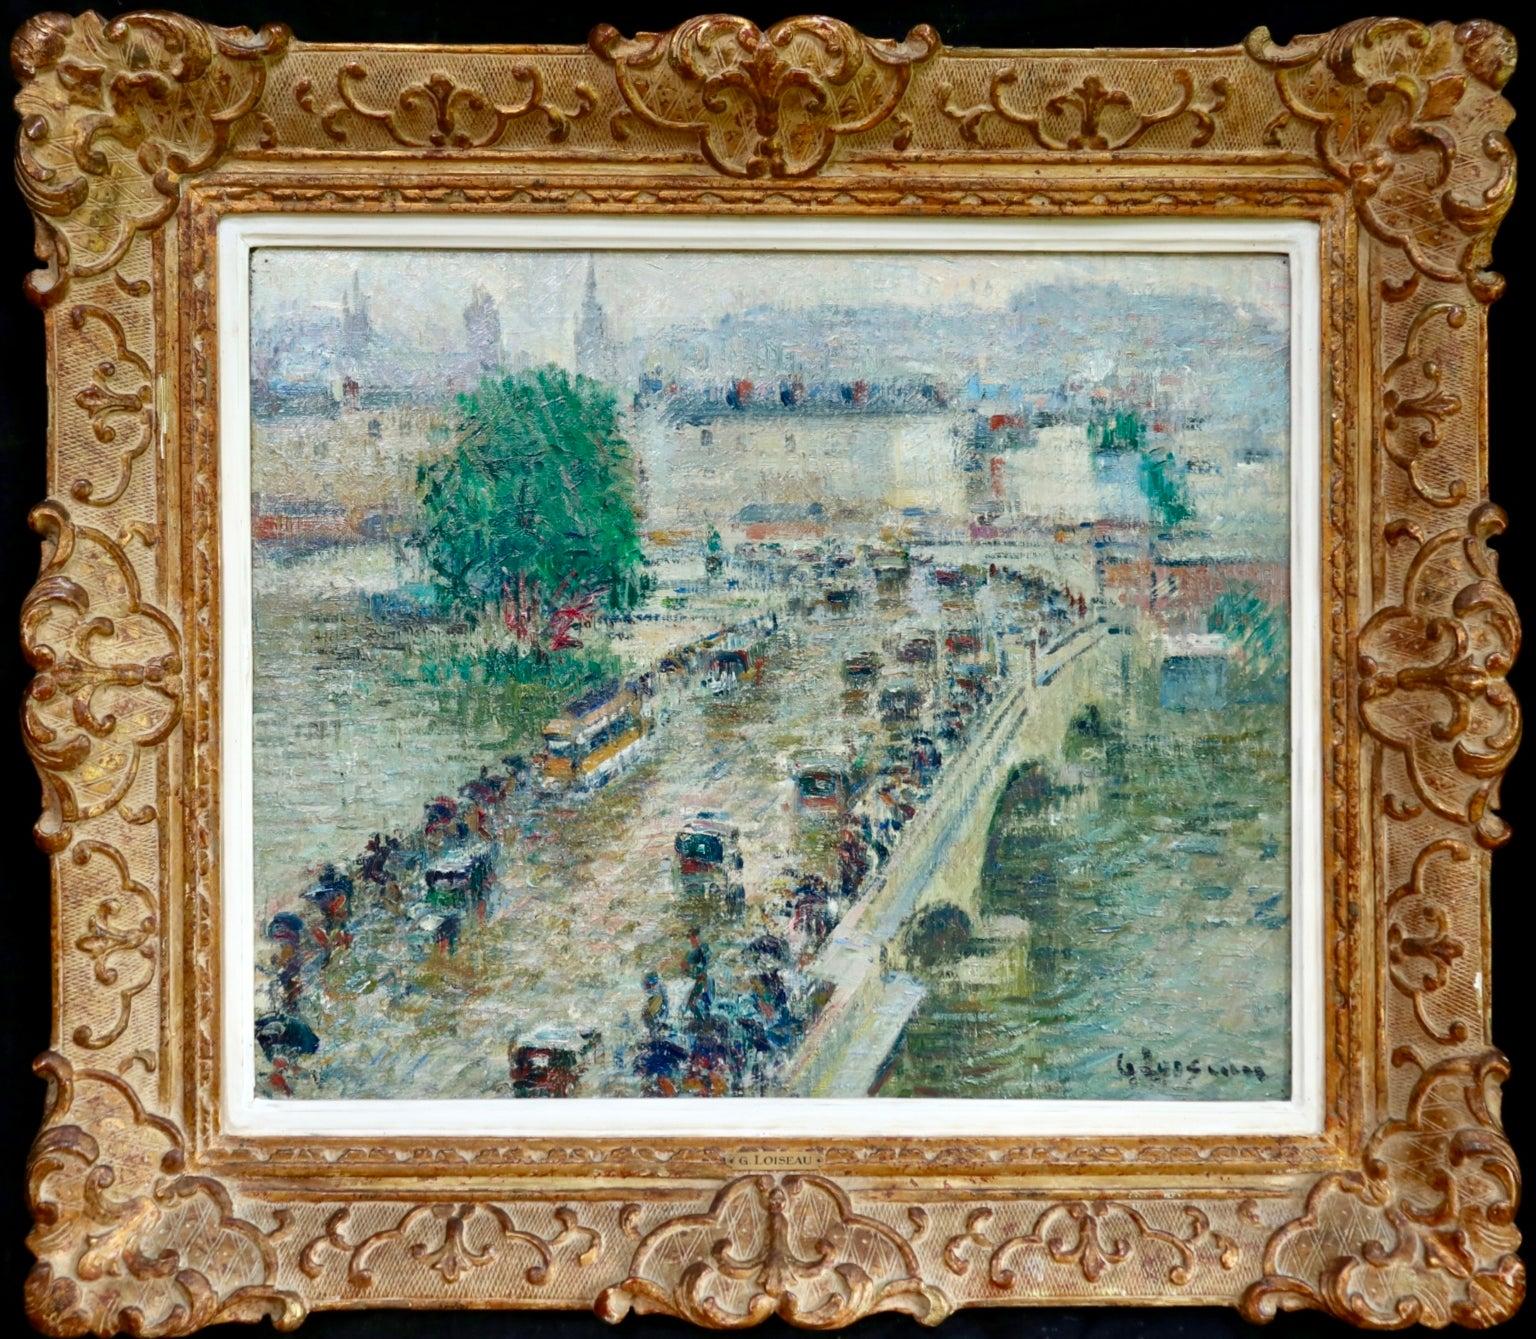 Le Pont Corneille a Rouen - Post Impressionist Oil, City Landscape by G Loiseau